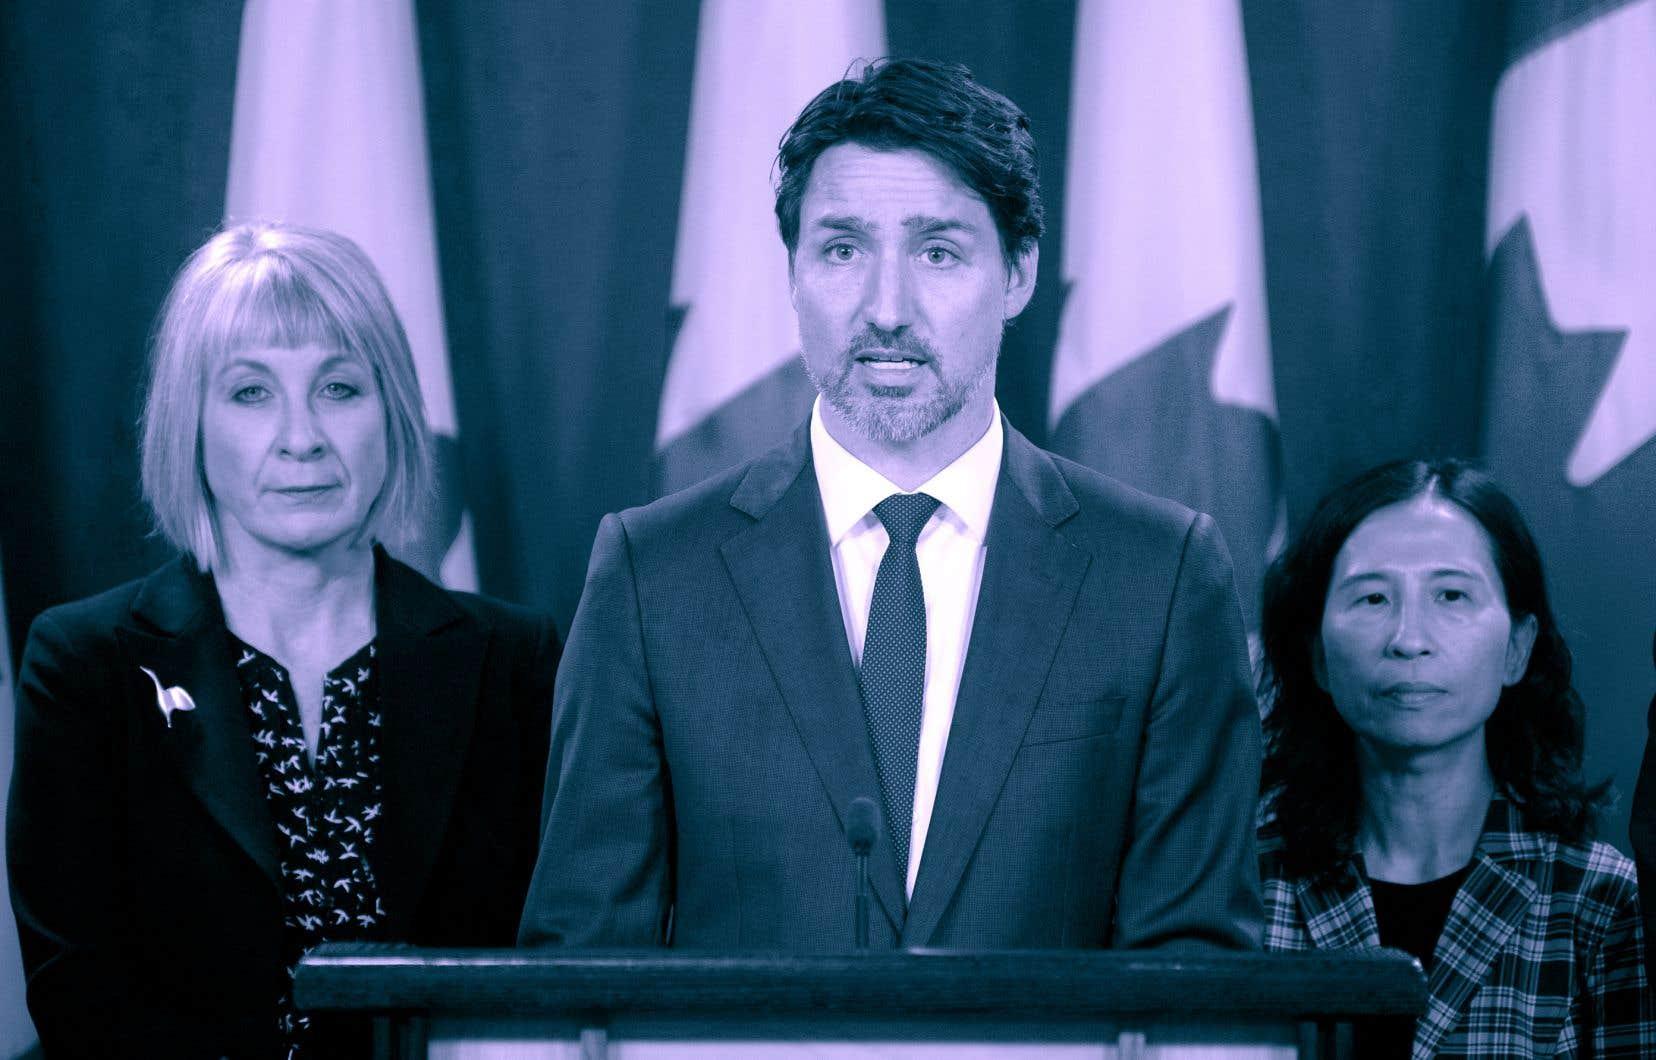 Le 11 mars 2020, Justin Trudeau a annoncé la création d'un fonds d'un milliard de dollars pour aider les provinces à traverser la crise de la COVID-19.